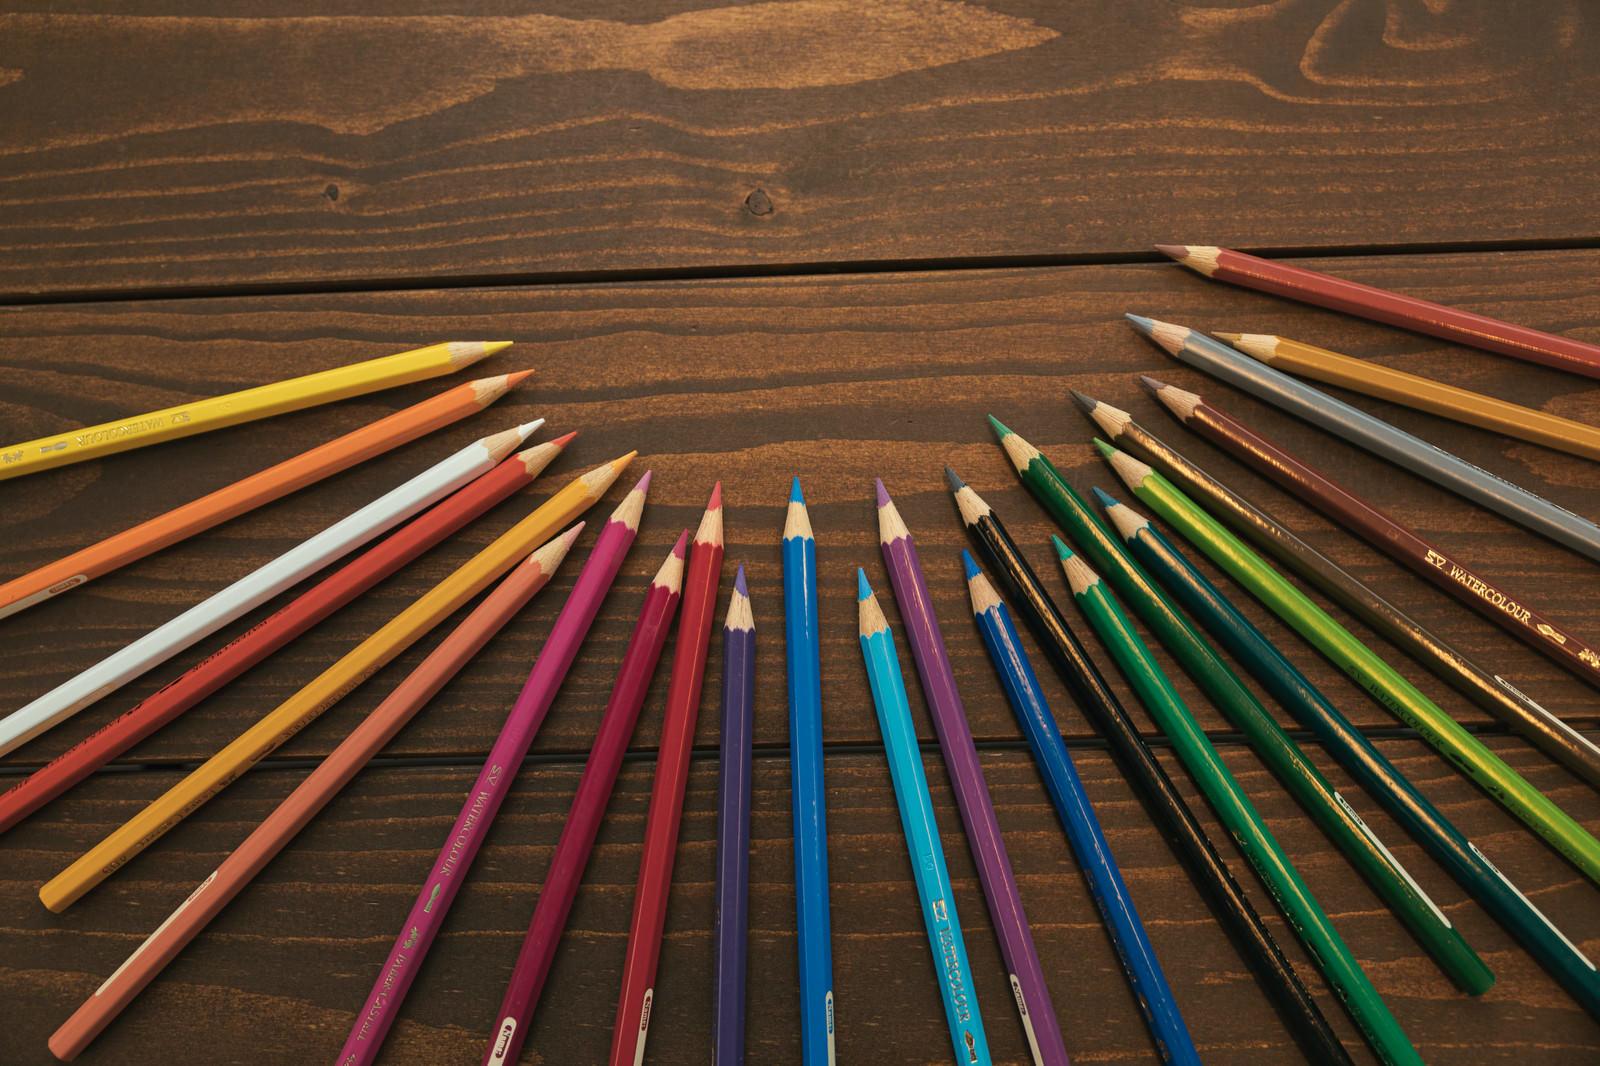 「木目のテーブルとカラフル色鉛筆」の写真